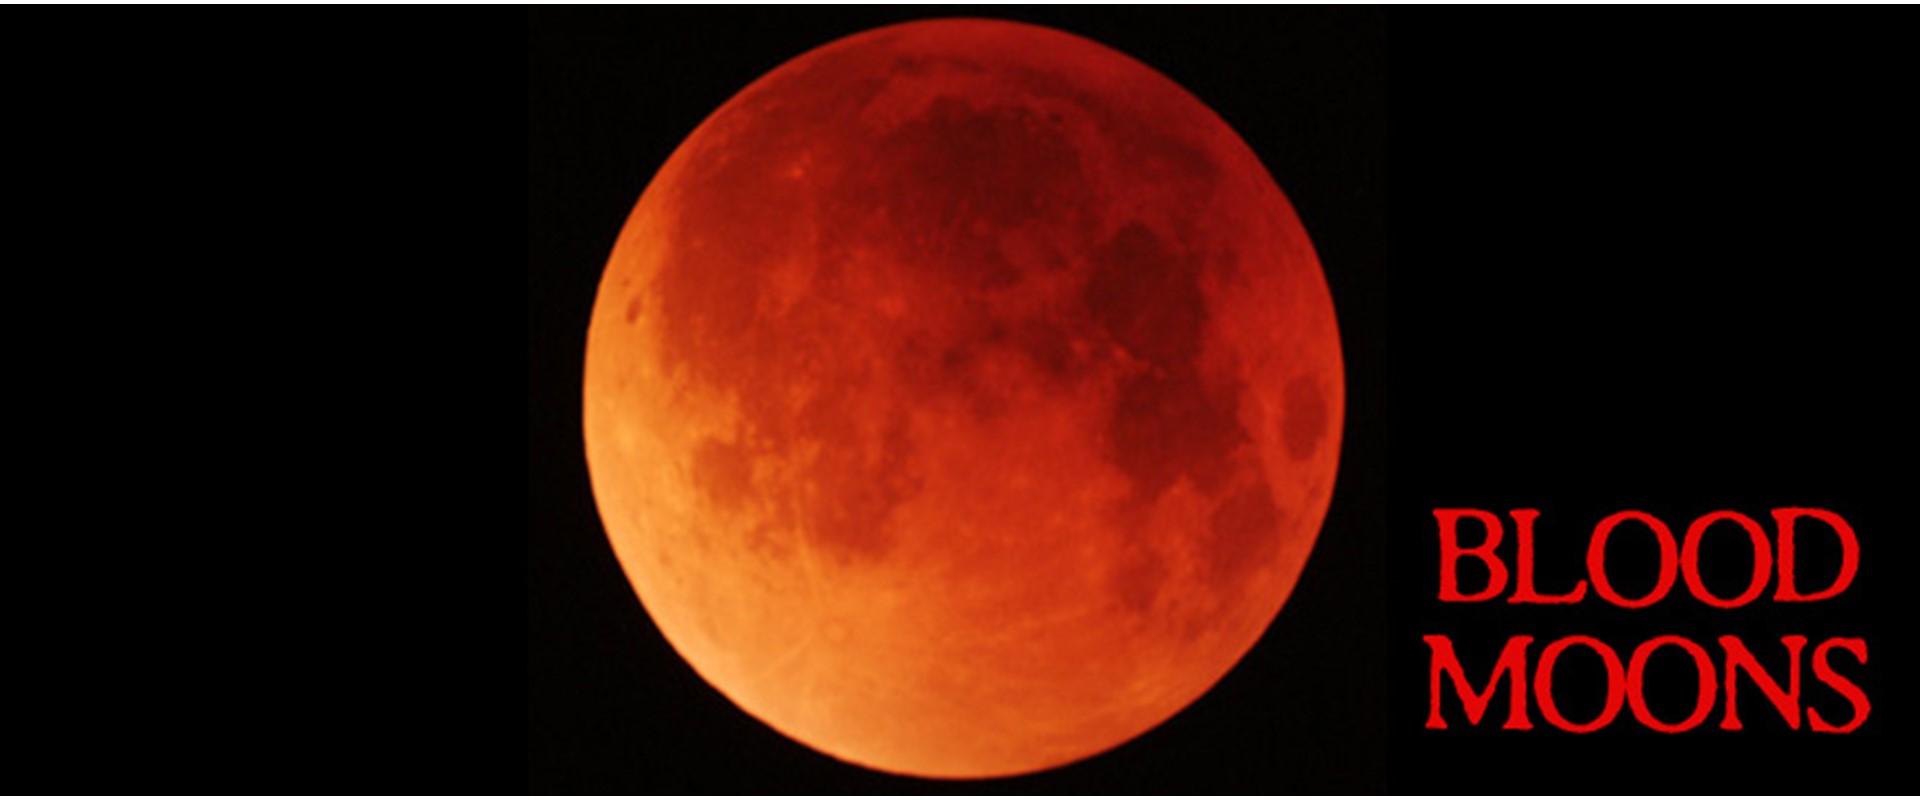 sermon on blood moons - photo #21